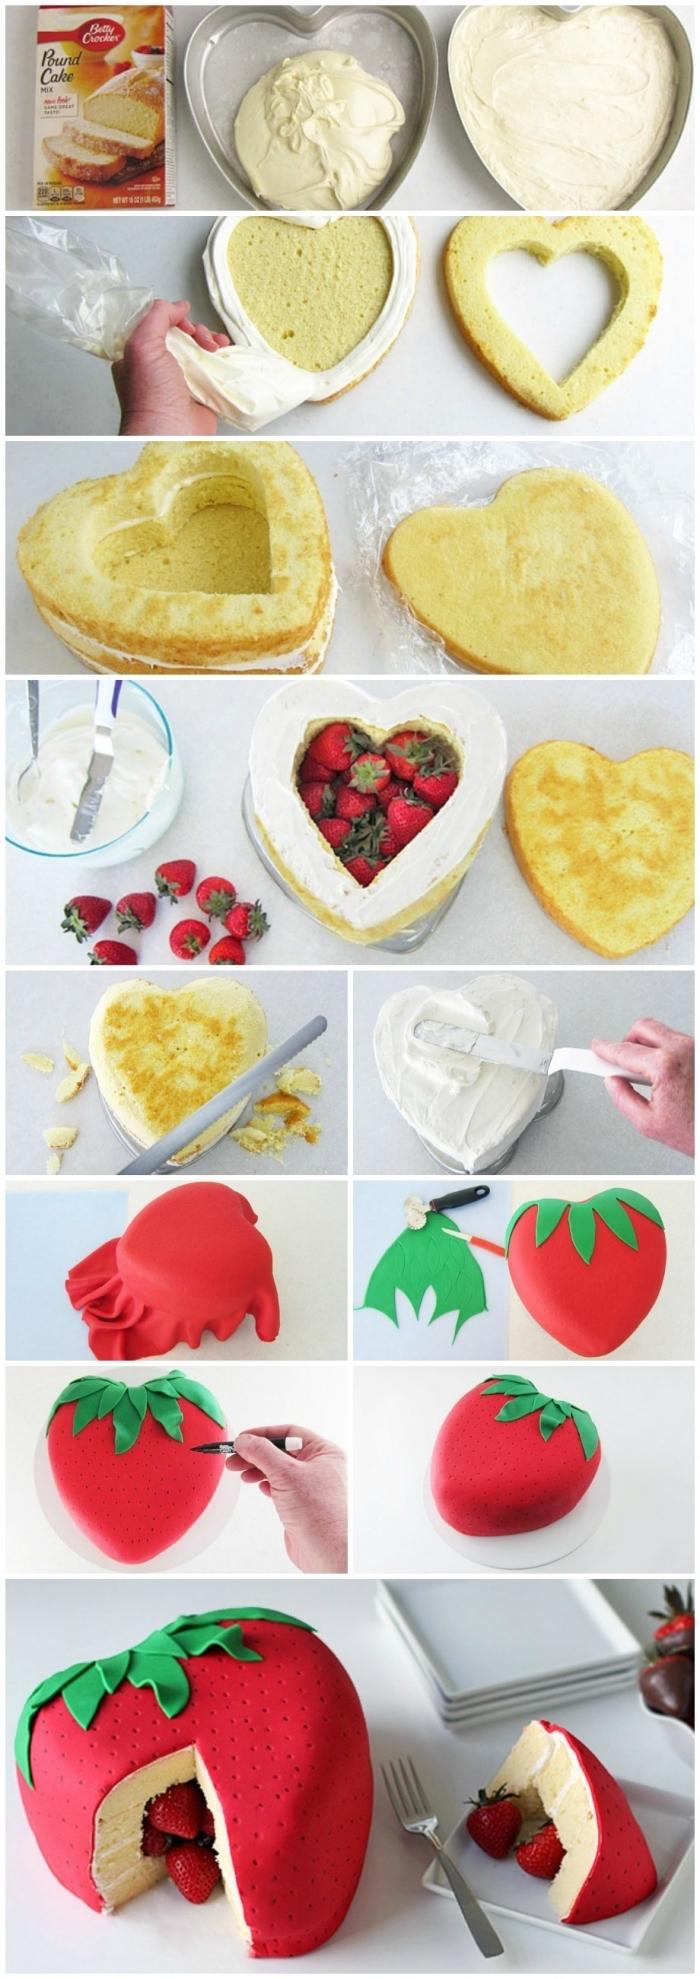 tutoriel pour faire un gateau pinata aux fraises en forme de coeur, recouvert de pâte à sucre